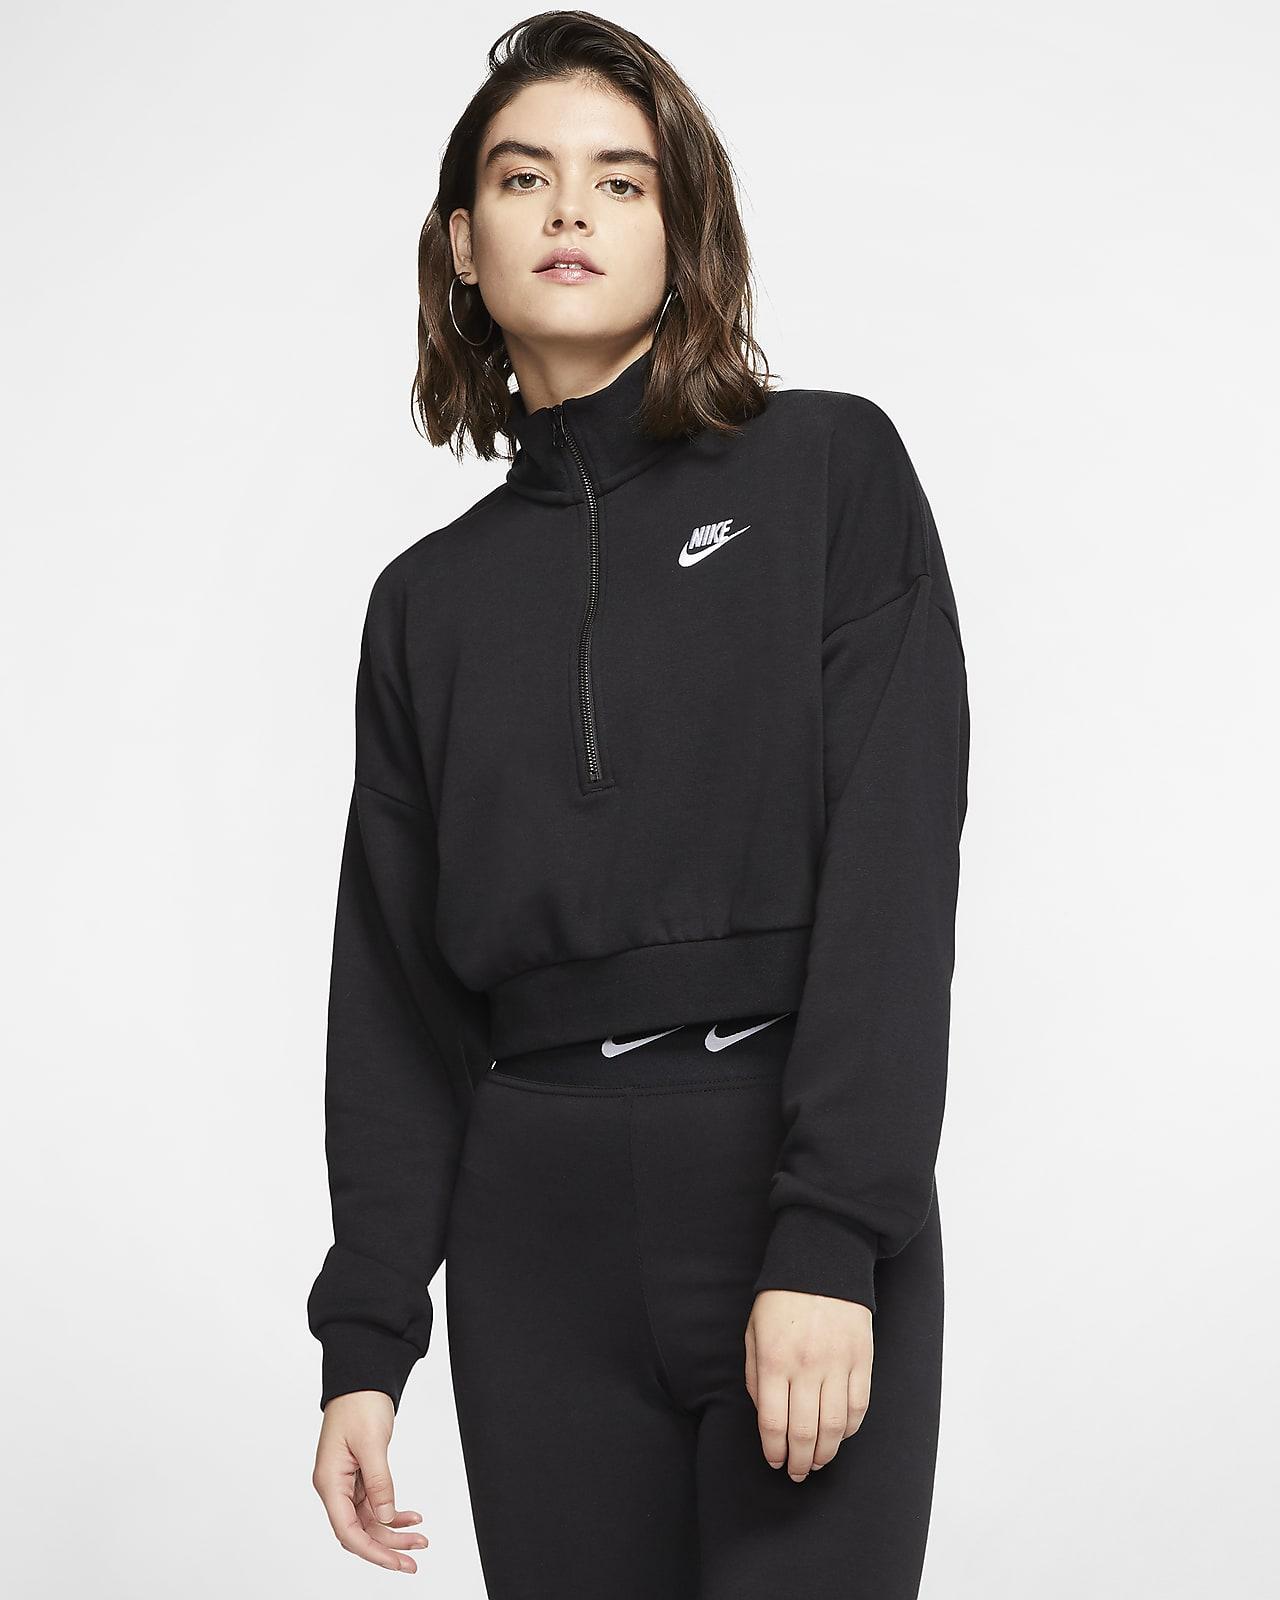 Nike Sportswear Essential hosszú ujjú, rövid szabású női polárfelső